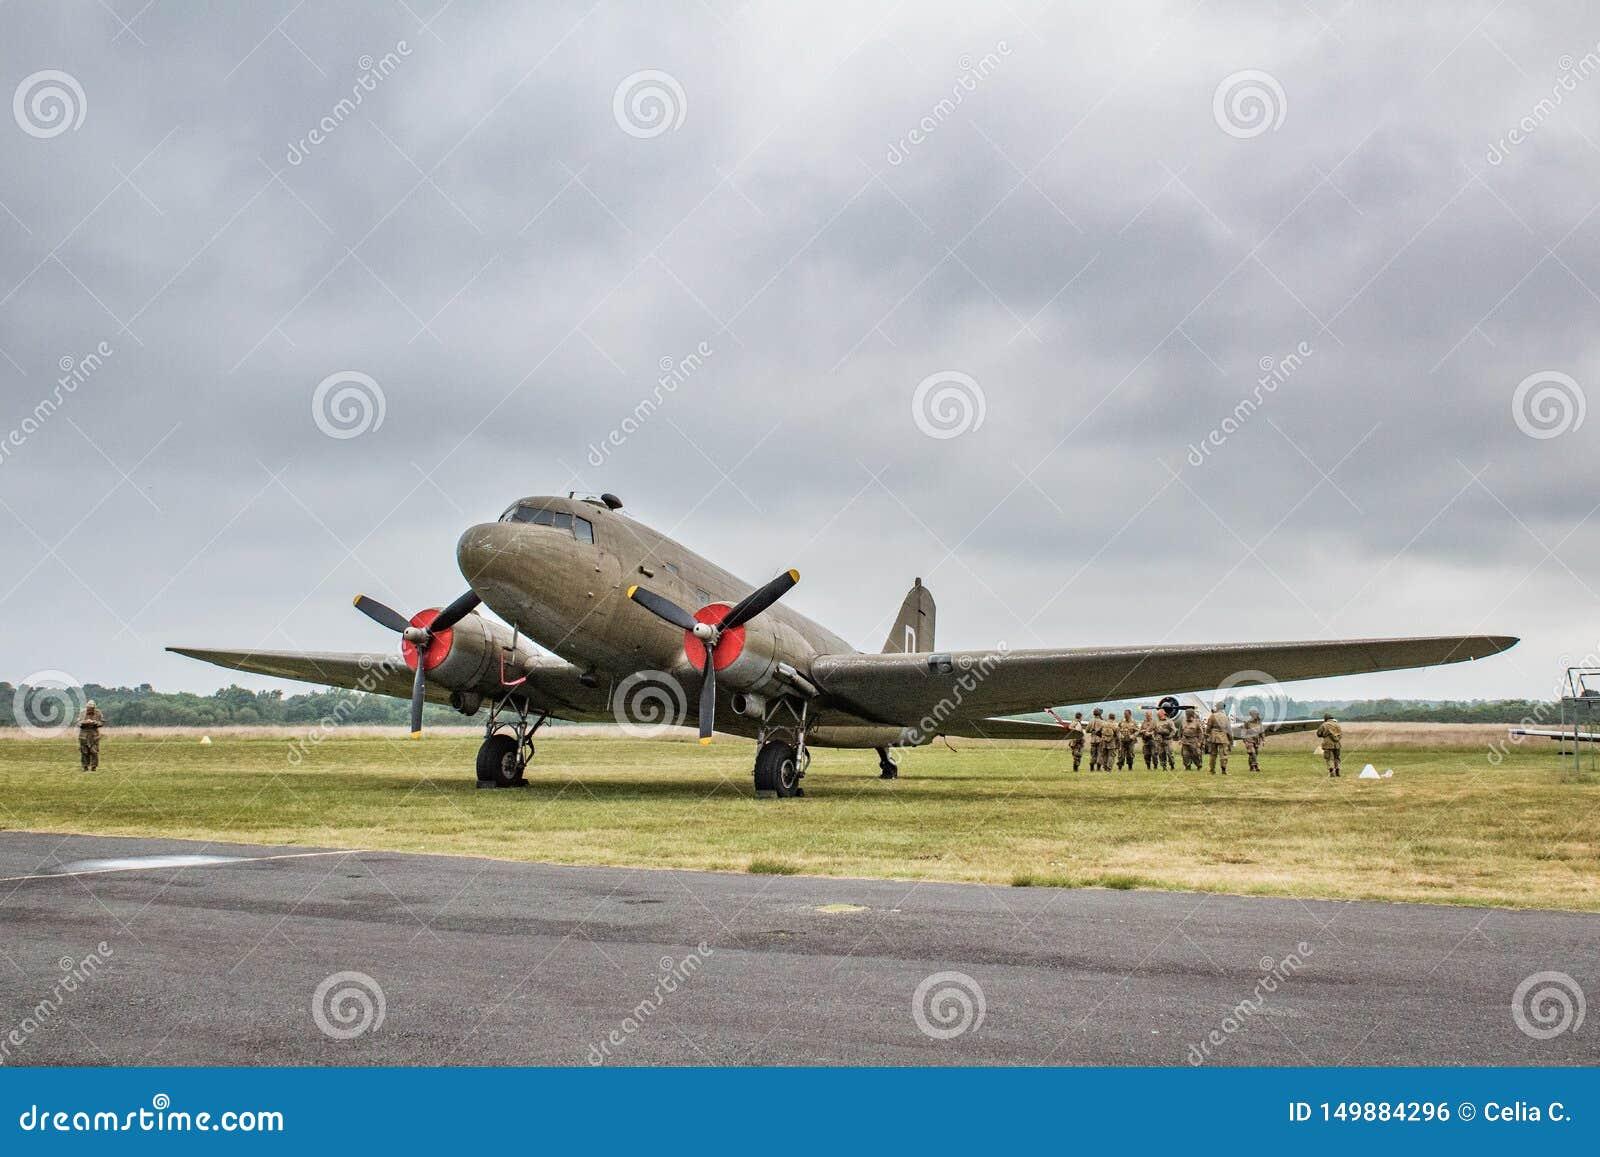 C-47 plano Skytrain de Douglas, força aérea do exército de Estados Unidos DC-3, L4, Dakota Royal Air Force, R-40 US Navy, aterran